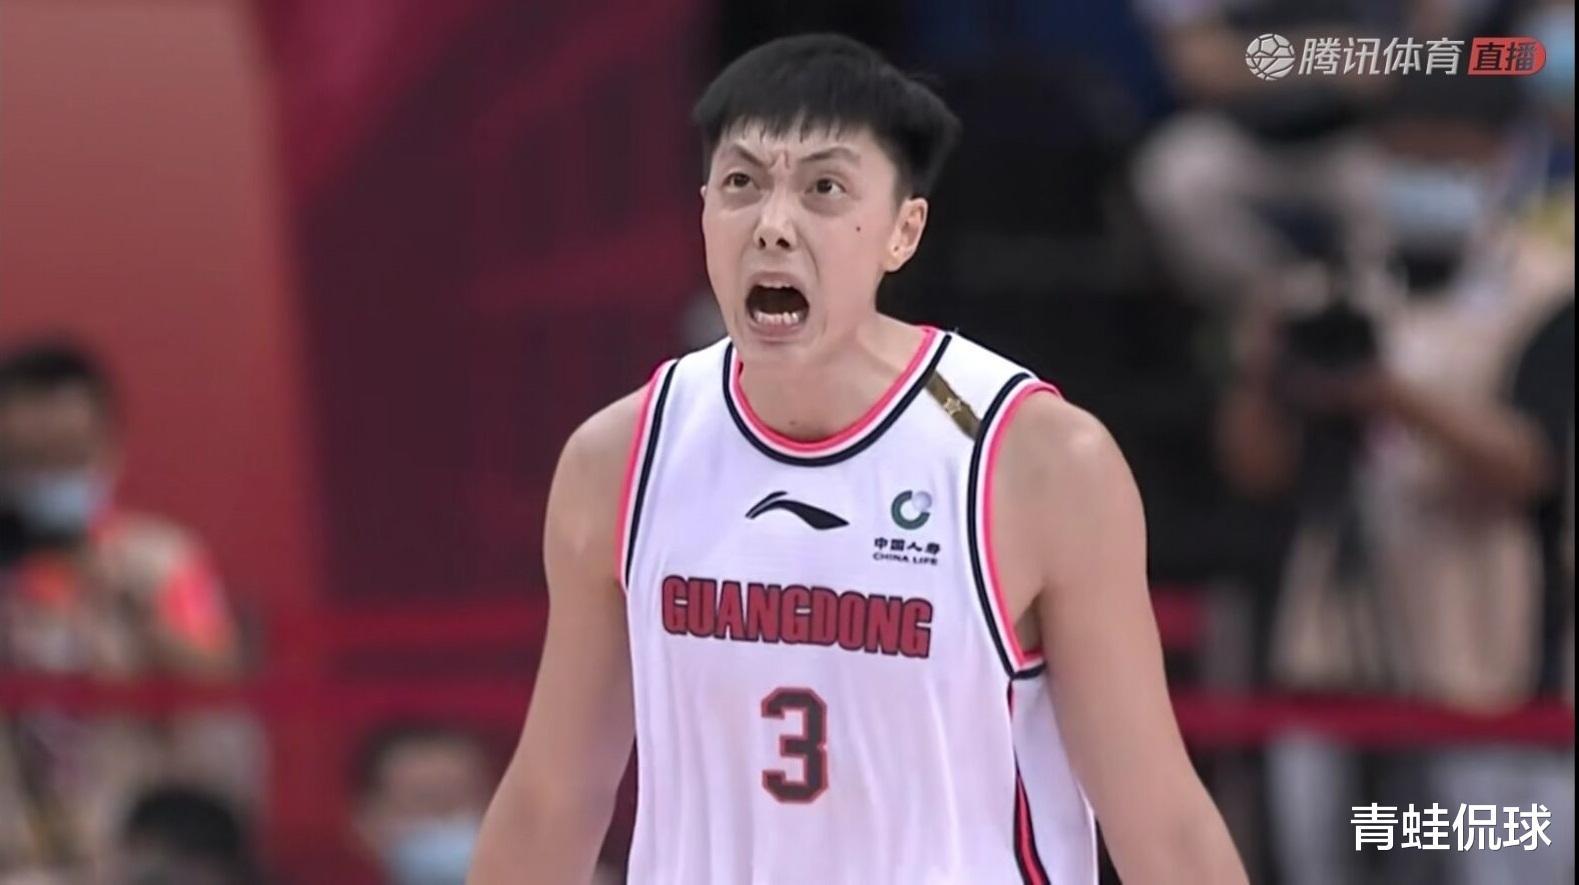 广州男篮要胡明轩,朱芳雨做出表态,广东男篮要补强内线太难了